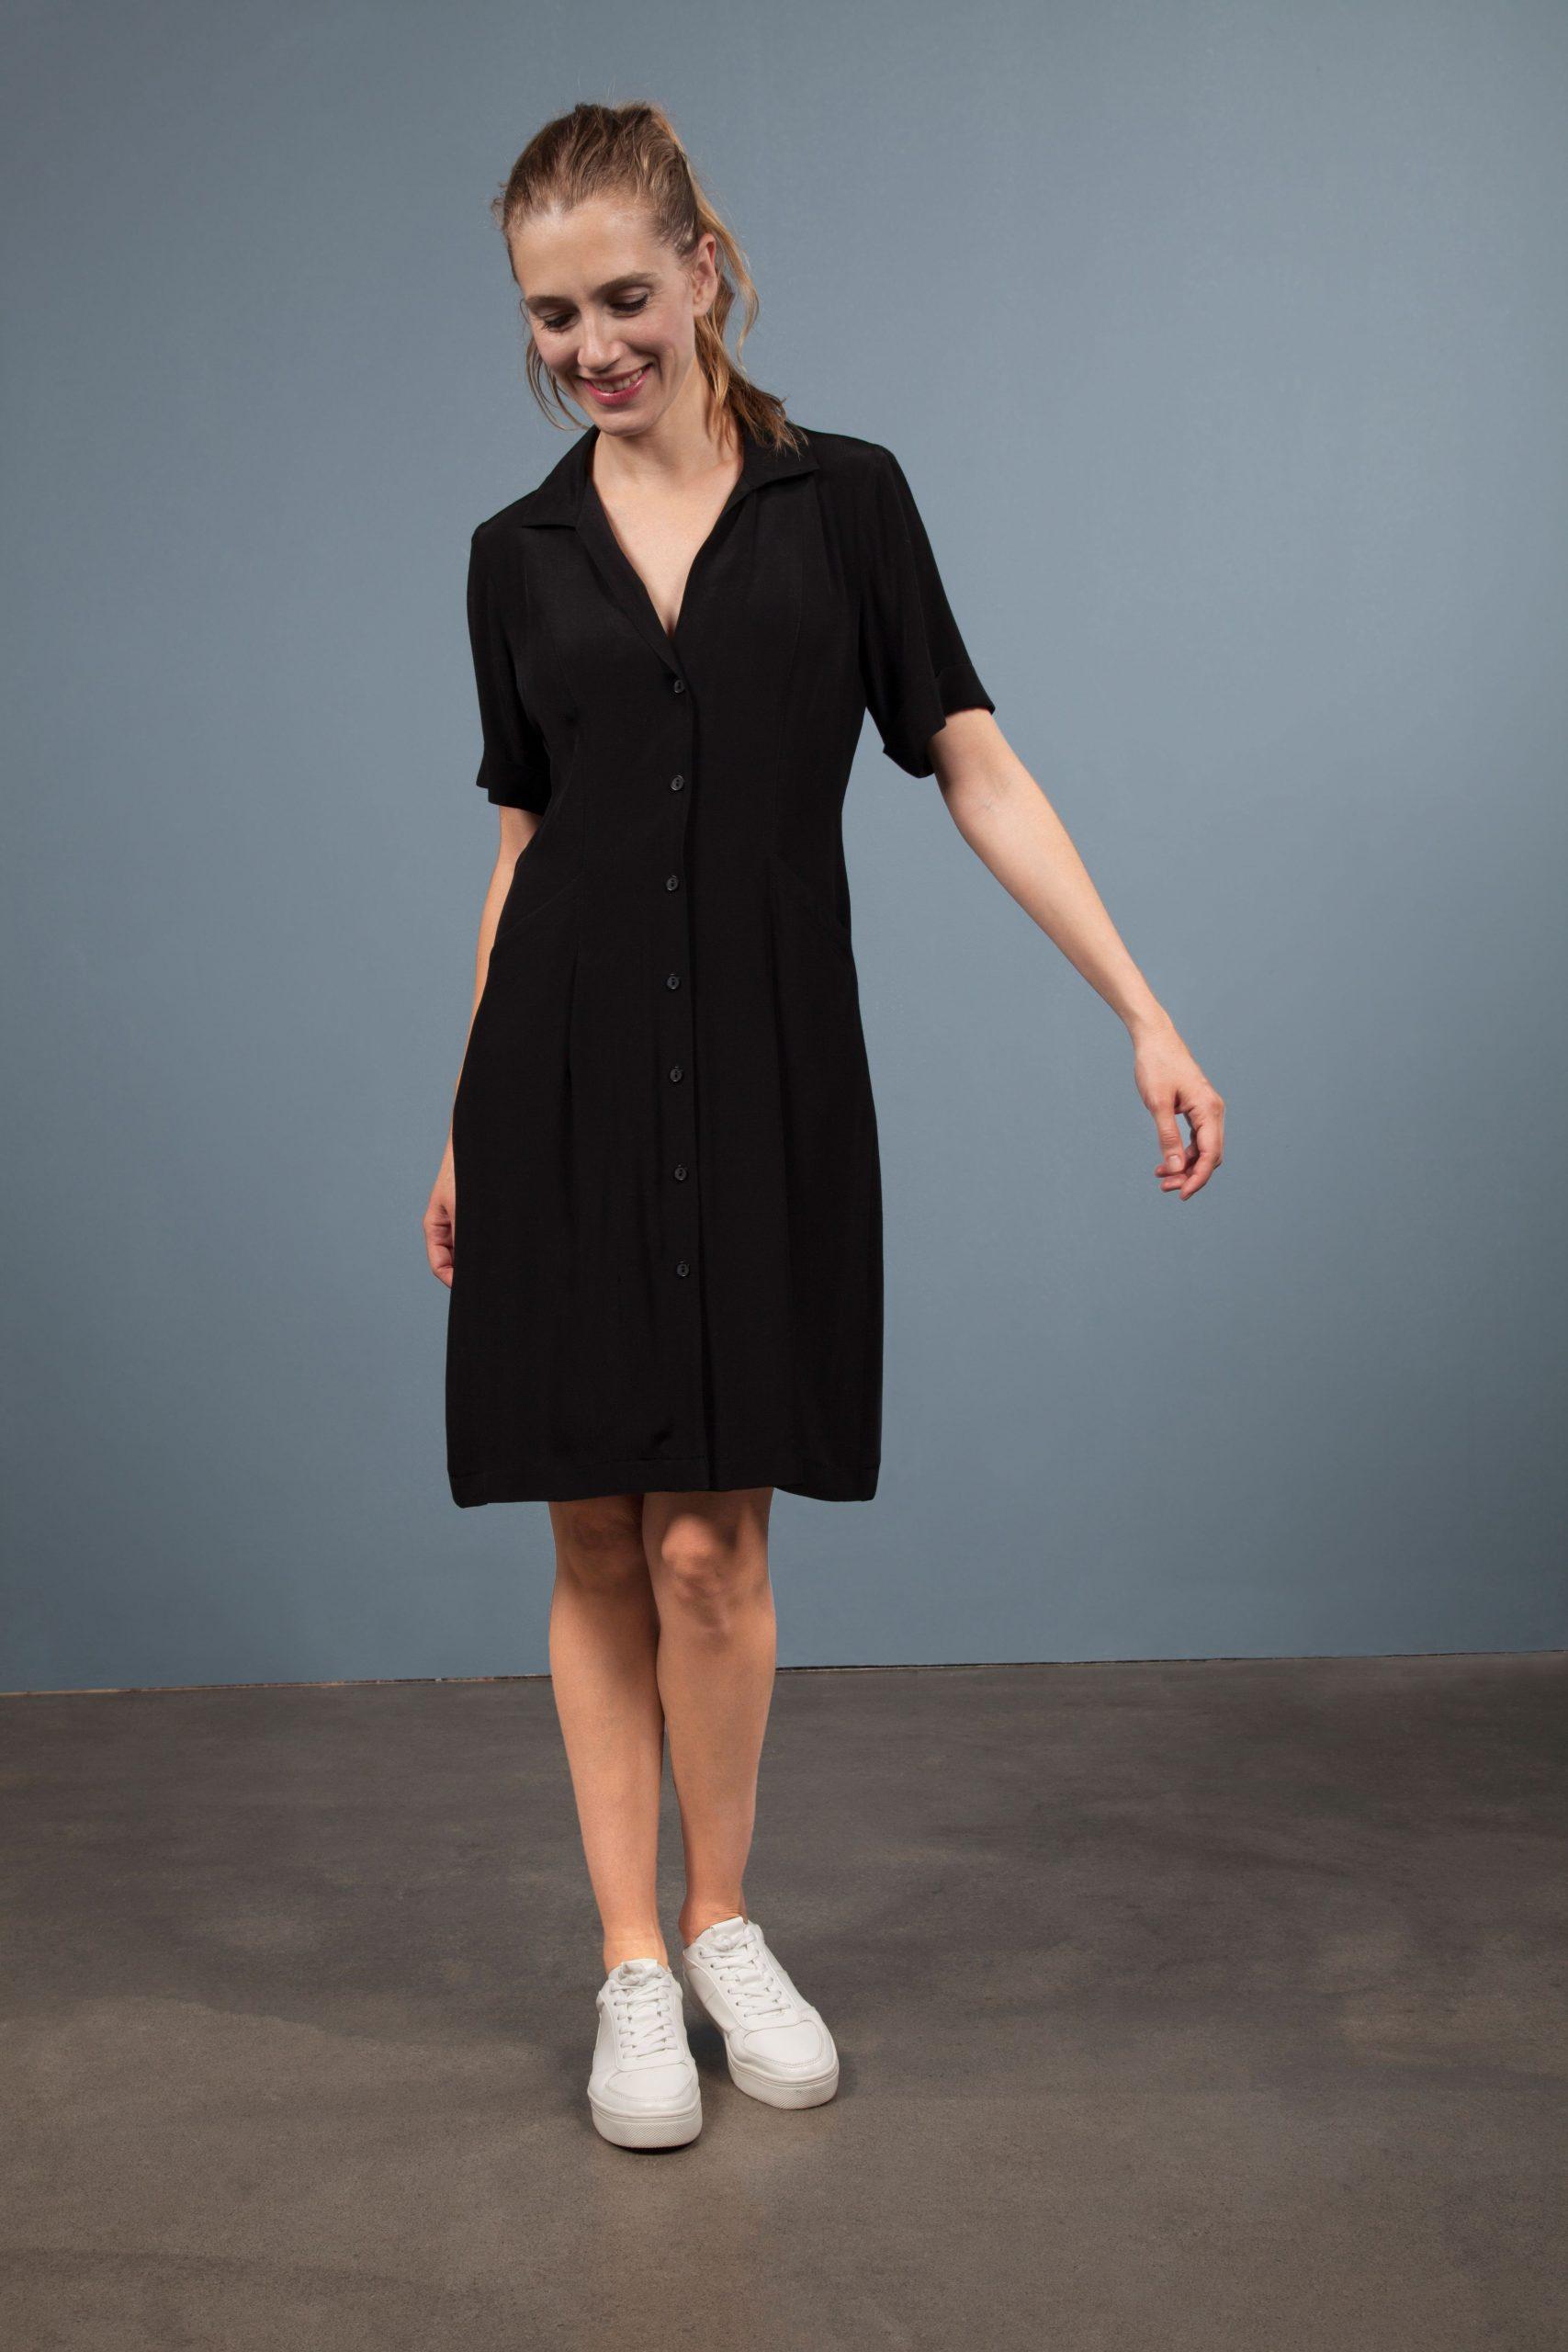 Designer Schön Schwarzes Sommerkleid Ärmel10 Schön Schwarzes Sommerkleid Boutique